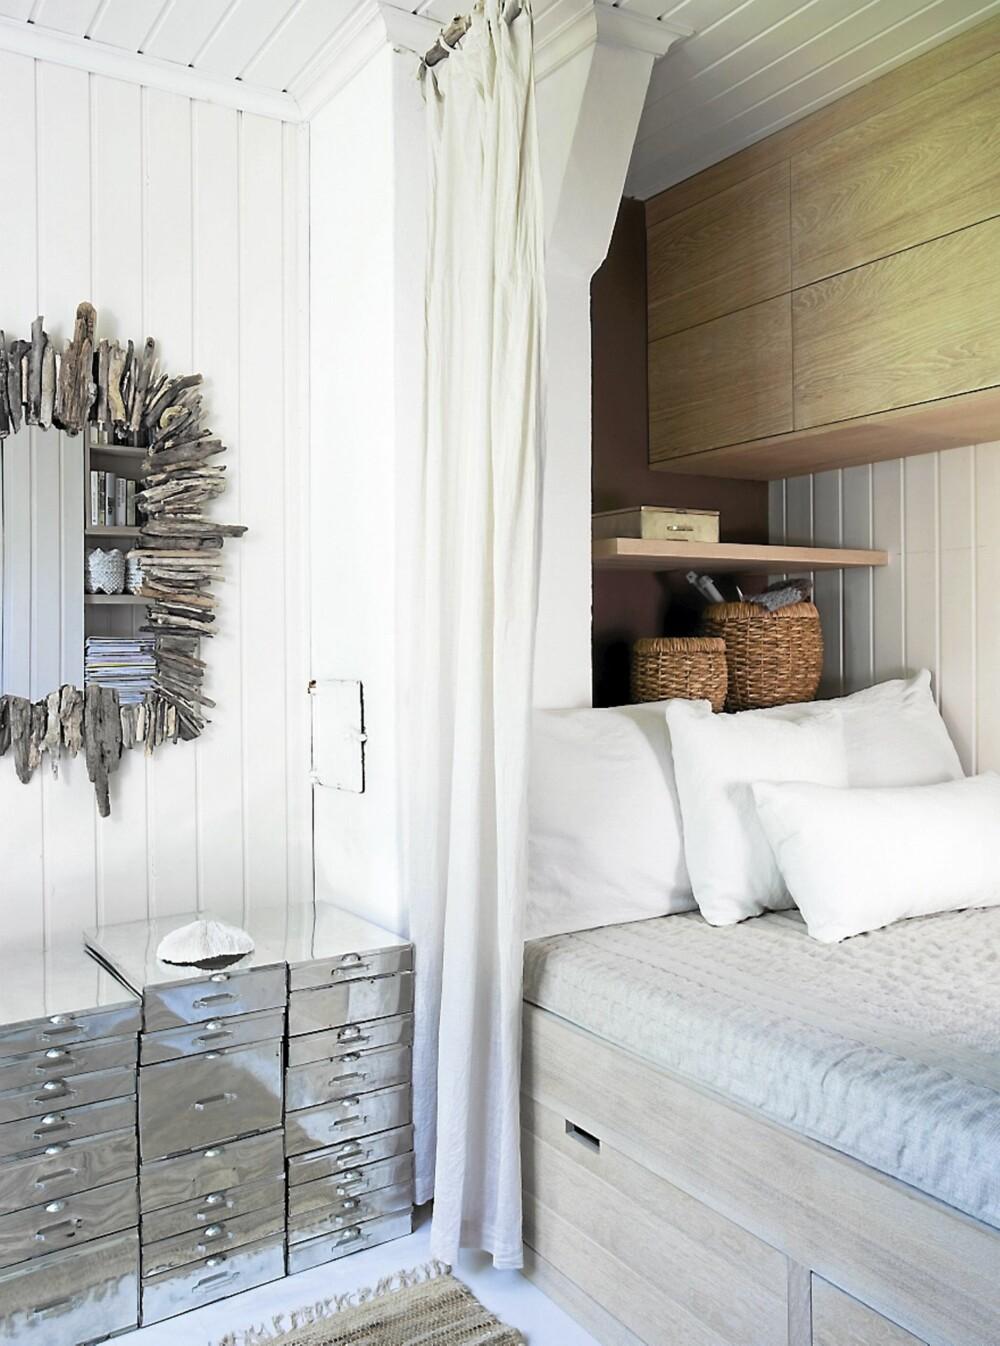 COMPACT LIVING. Det lille gjesterommet utnytter plassen maksimalt. Ny, komplett innredning fra Plank interiørdesign med dobbeltseng, oppbevaring i begge ender og store skuffer under sengen.